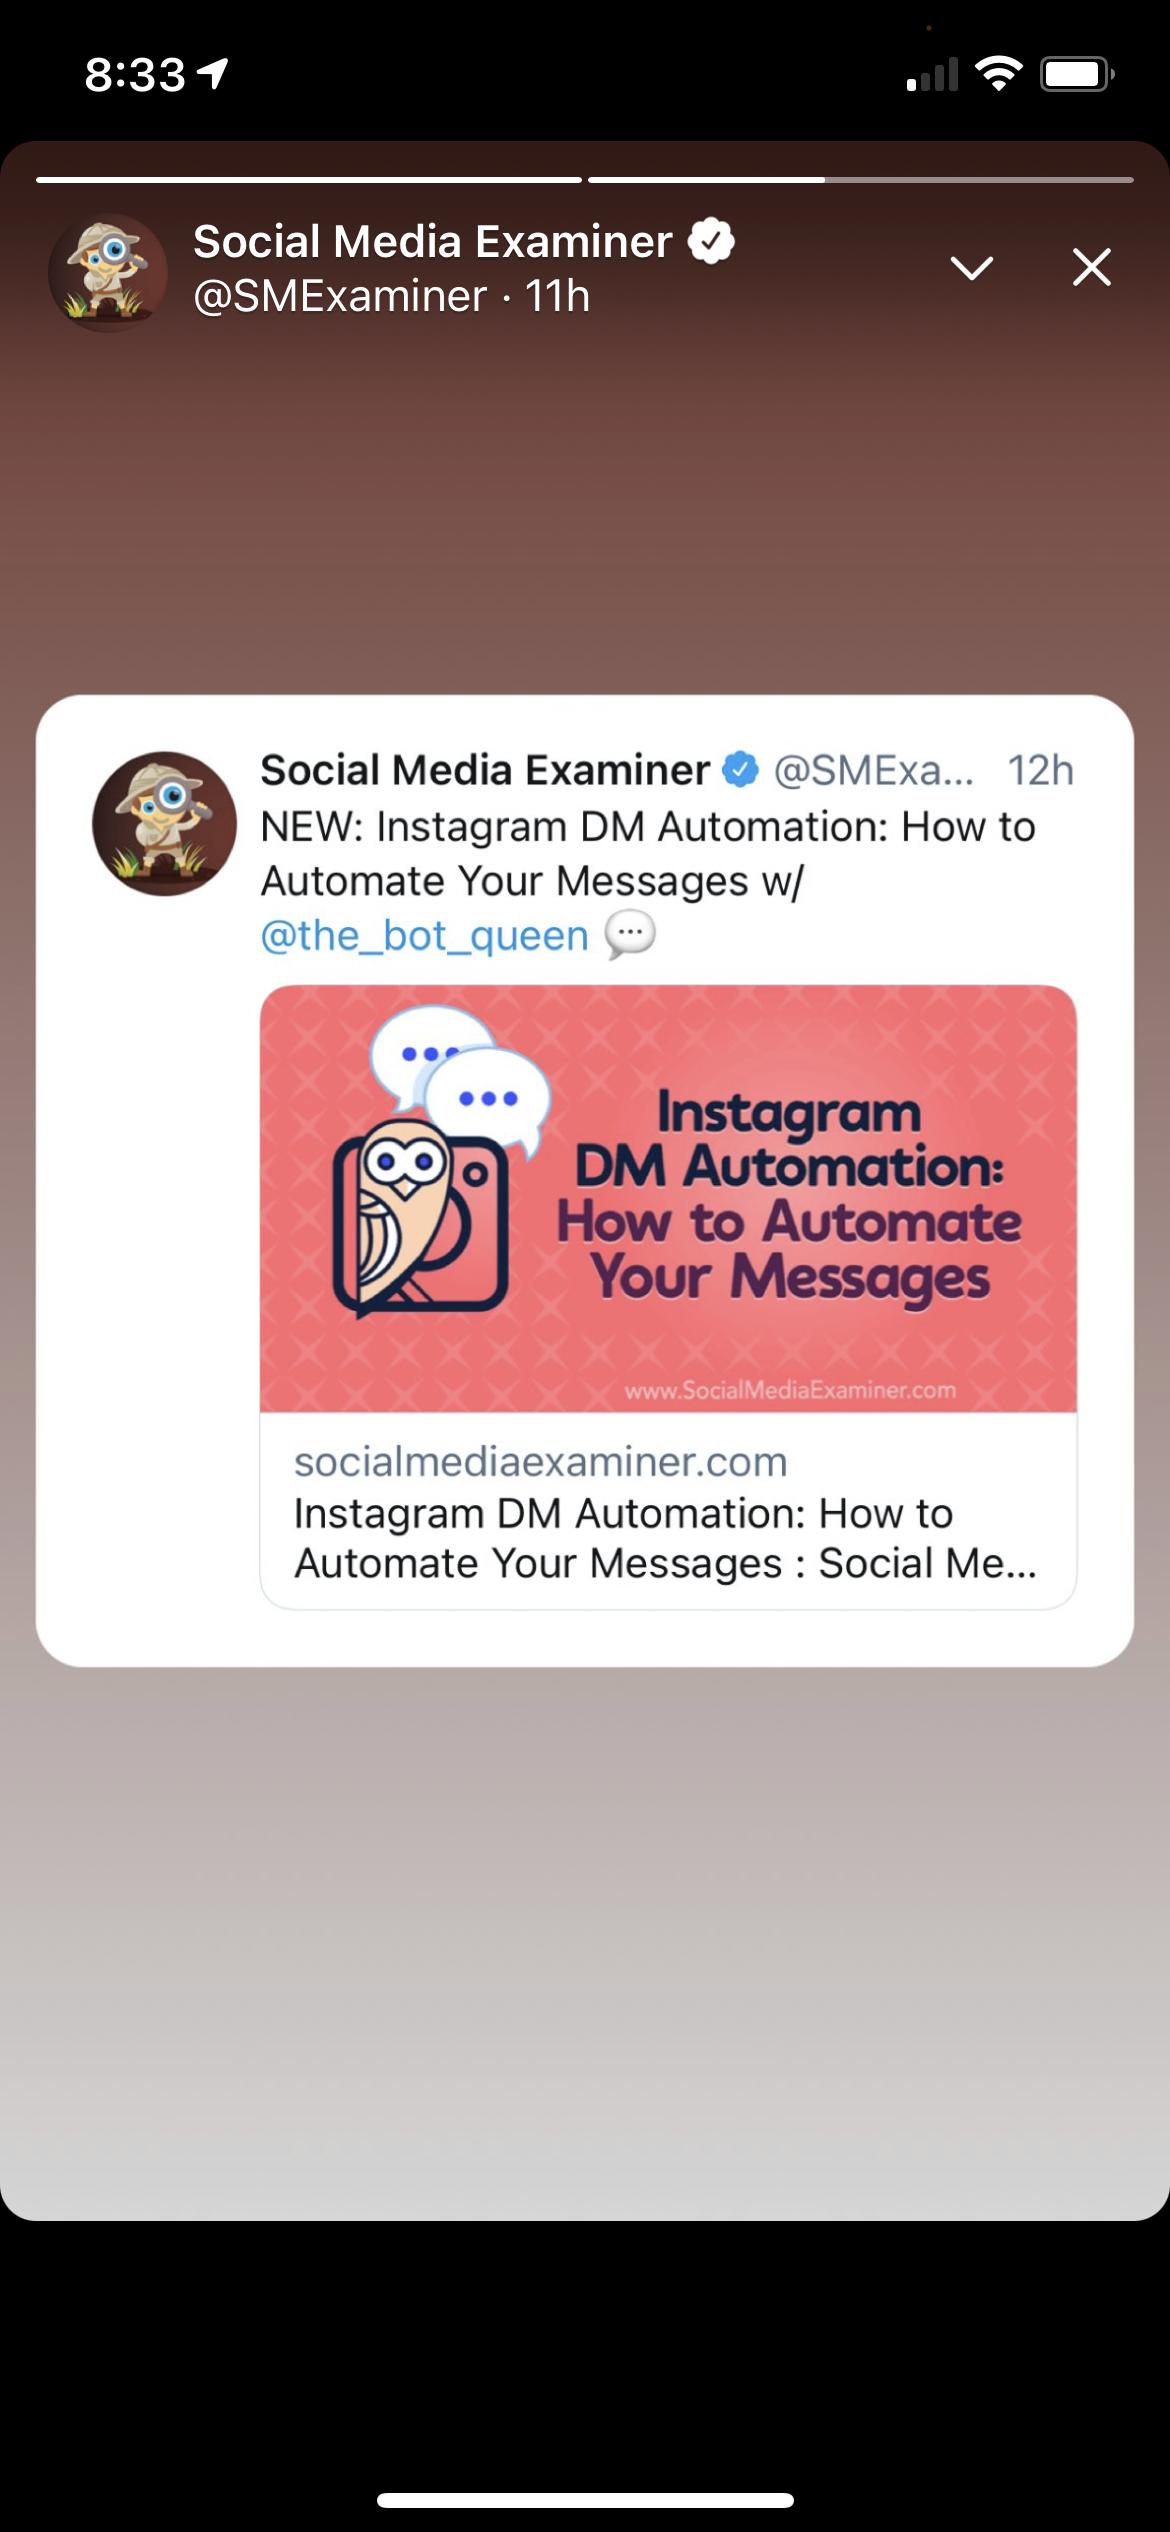 A screenshot of Social Media Examiner's Twitter Fleet.